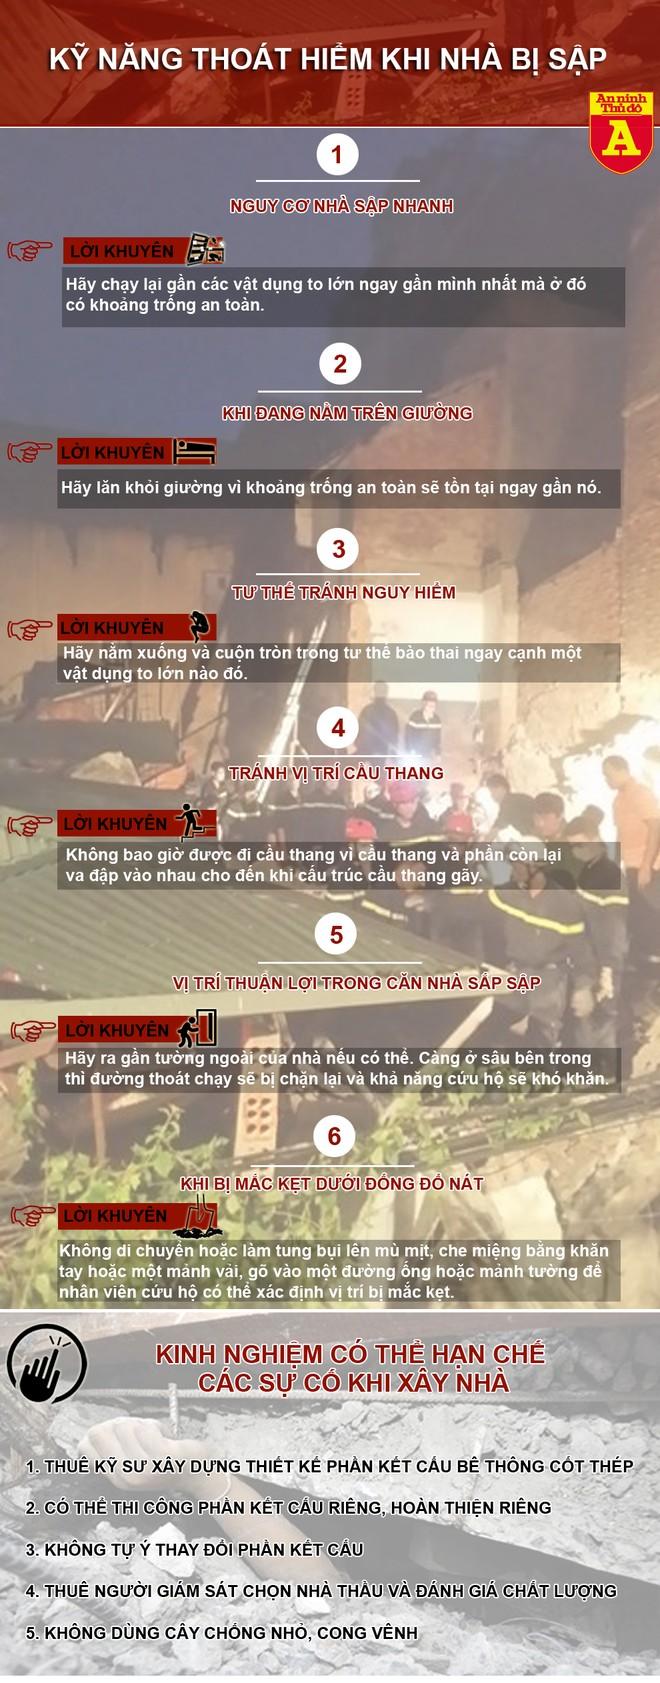 [Infographic] Kỹ năng thoát hiểm, sống sót khi nhà bị sập ảnh 1